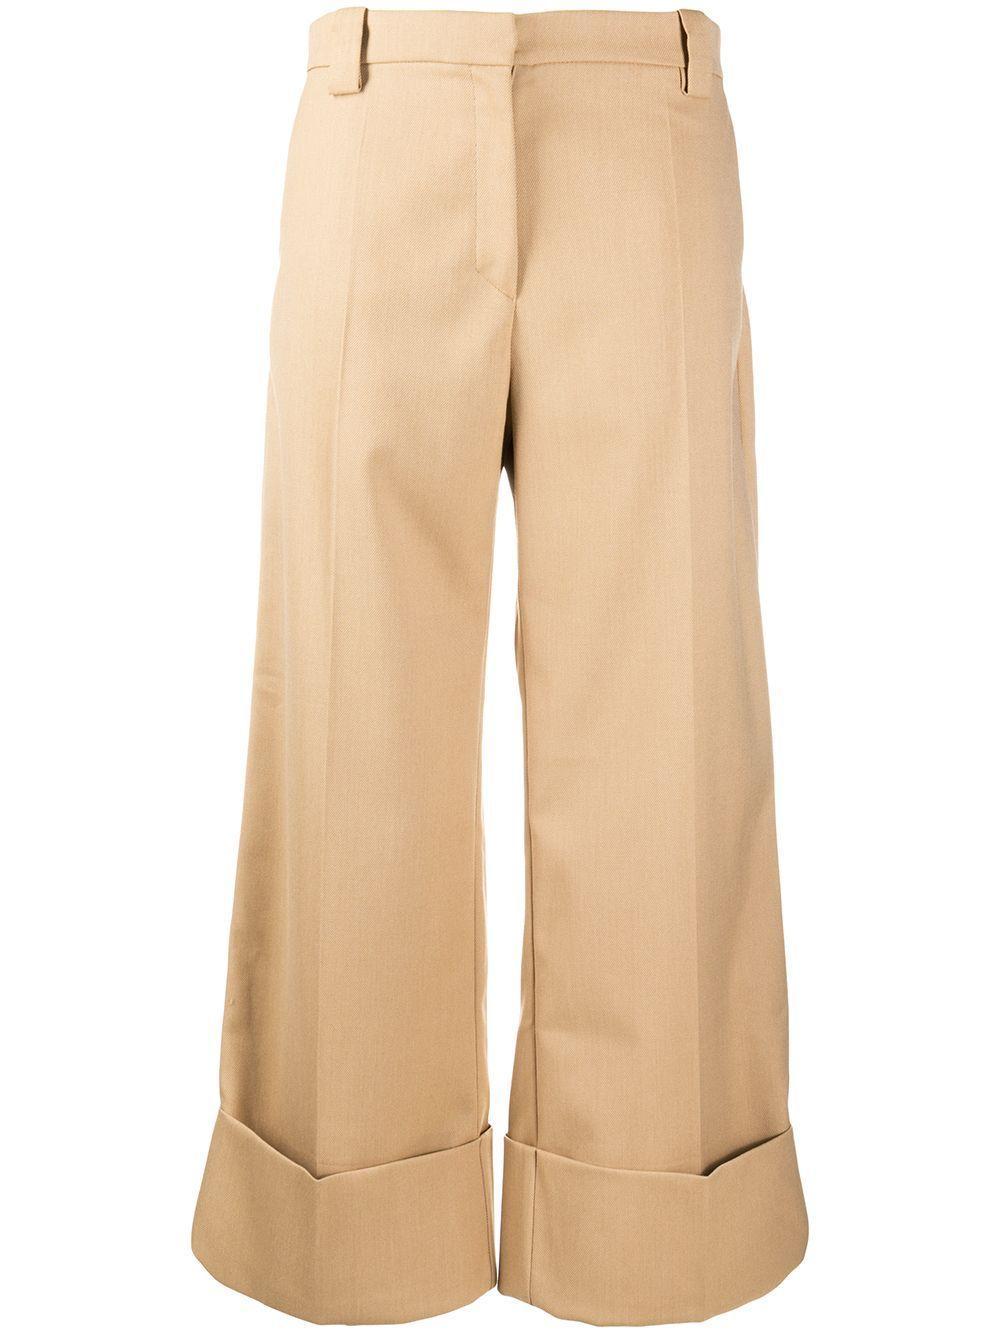 Nayla Cropped Cuffed Pant